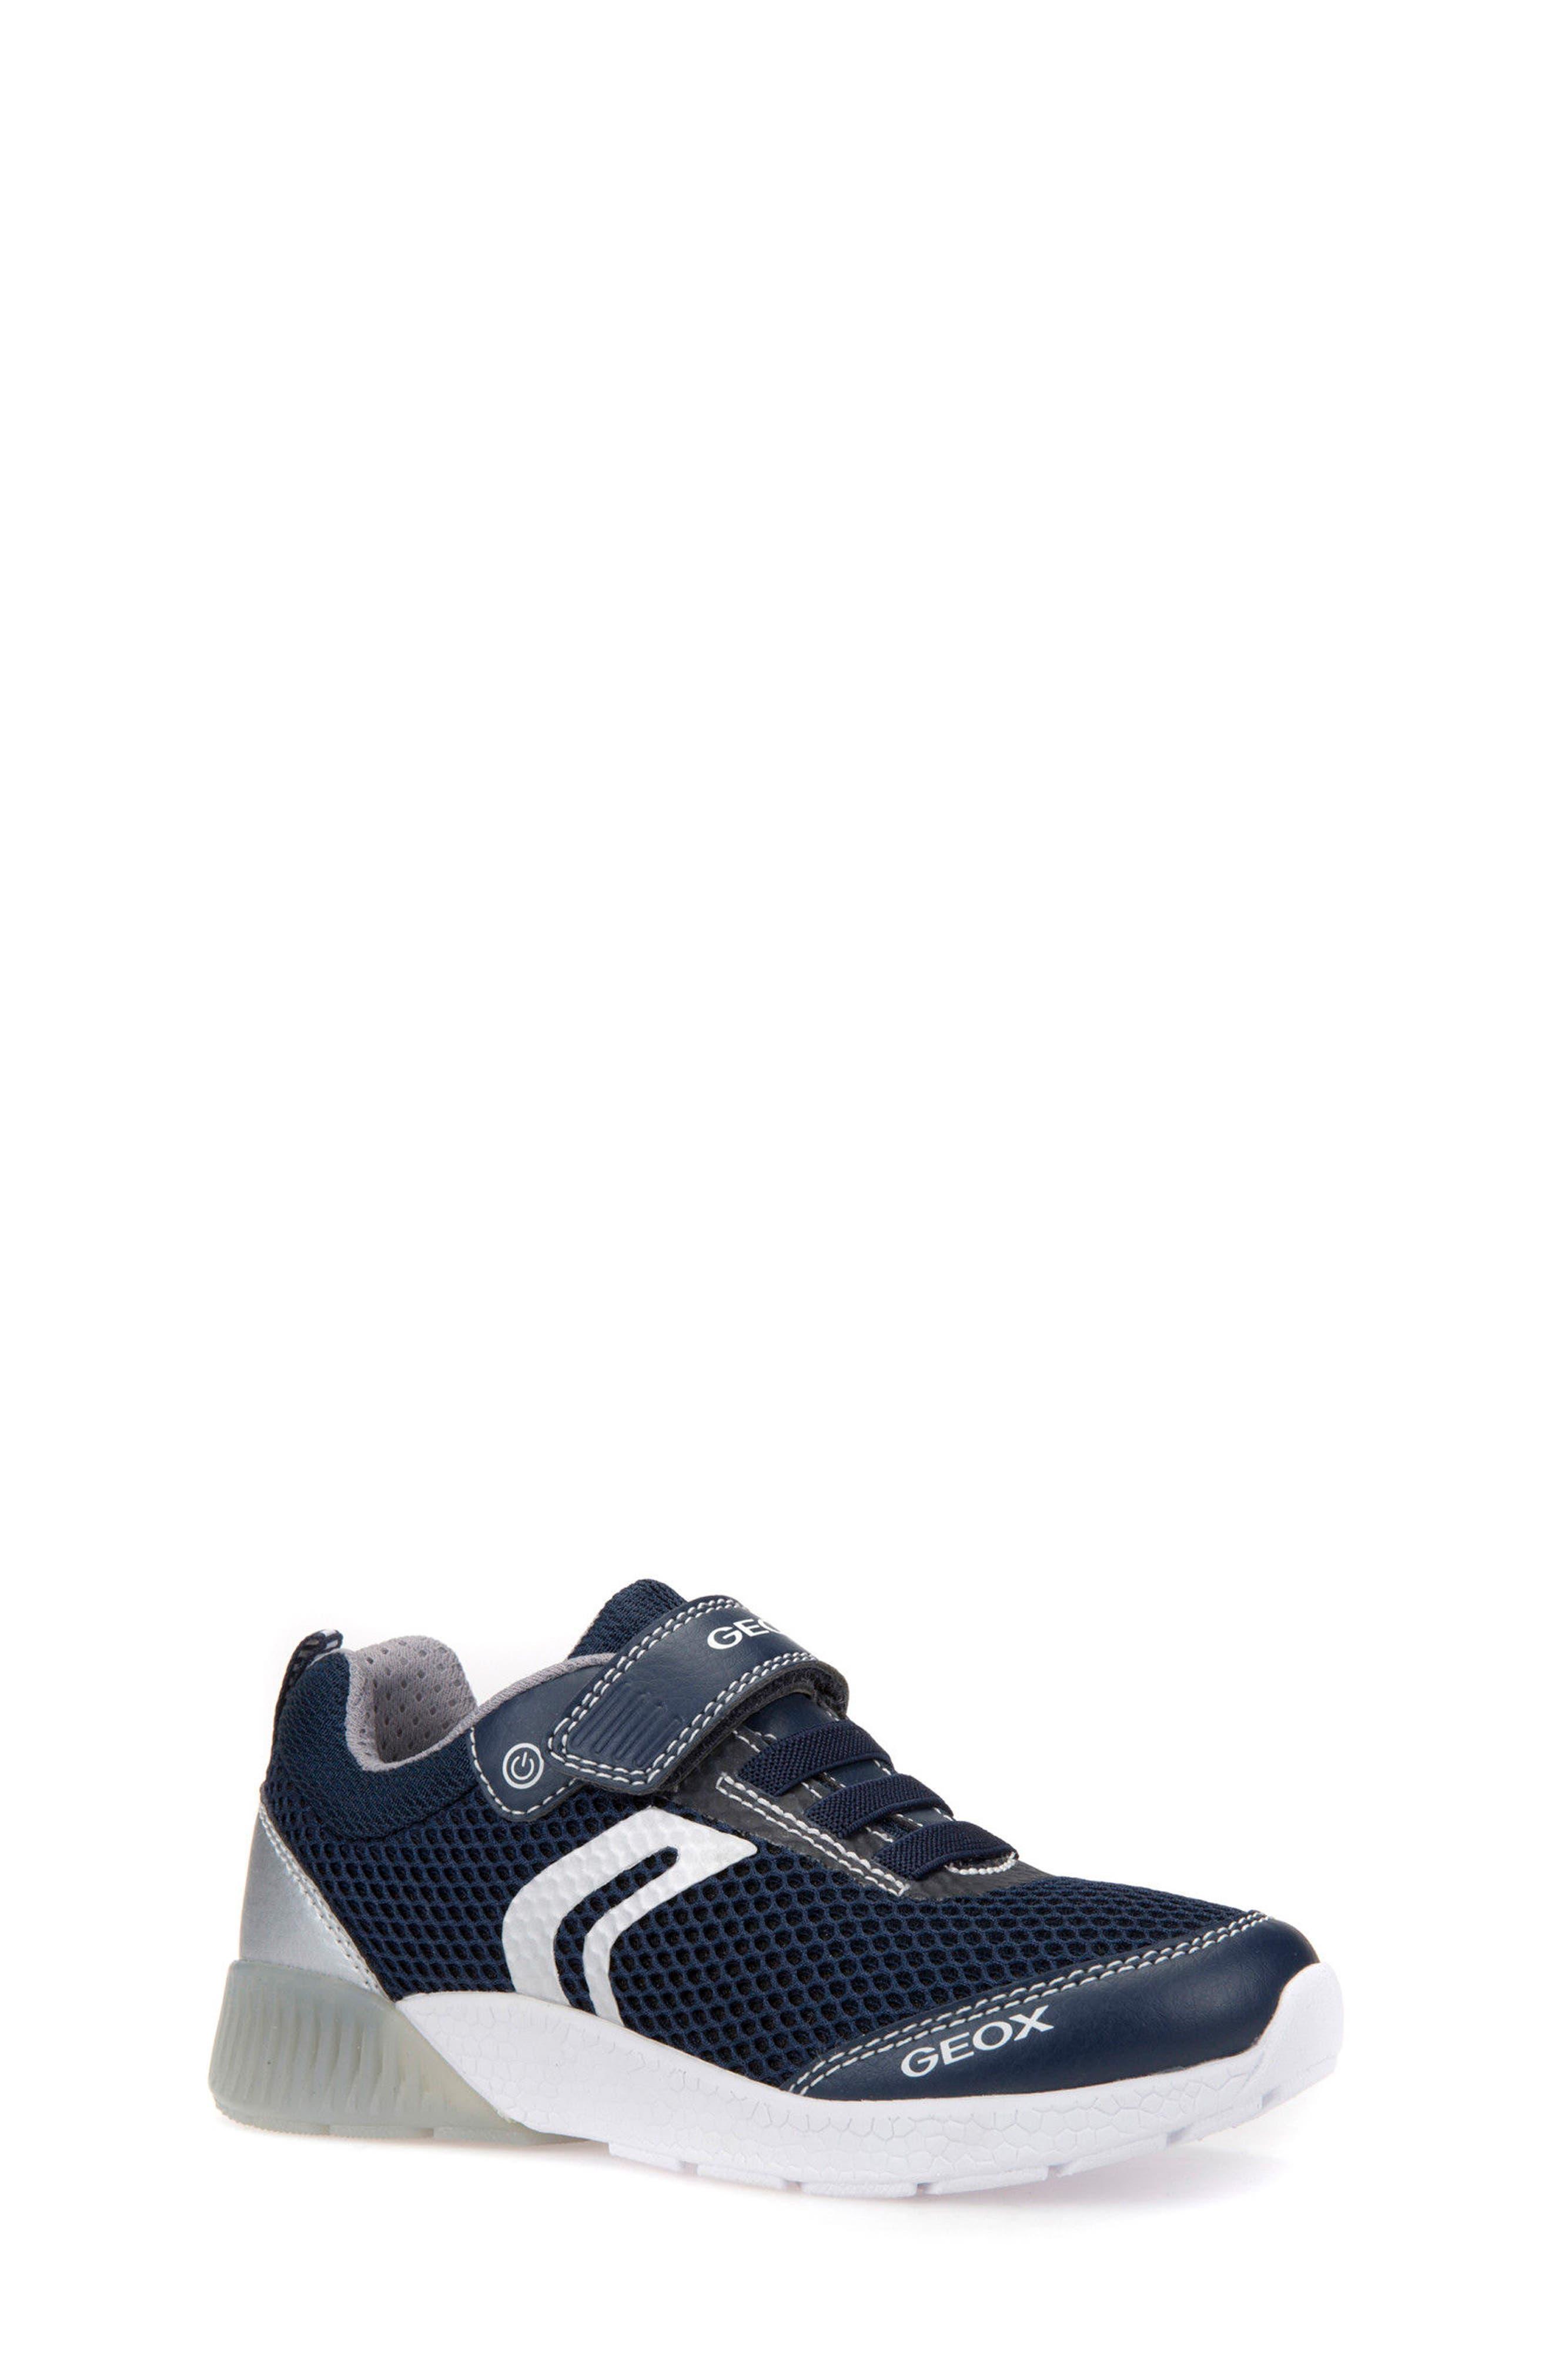 Sveth Light-Up Sneaker,                         Main,                         color, NAVY/ SILVER